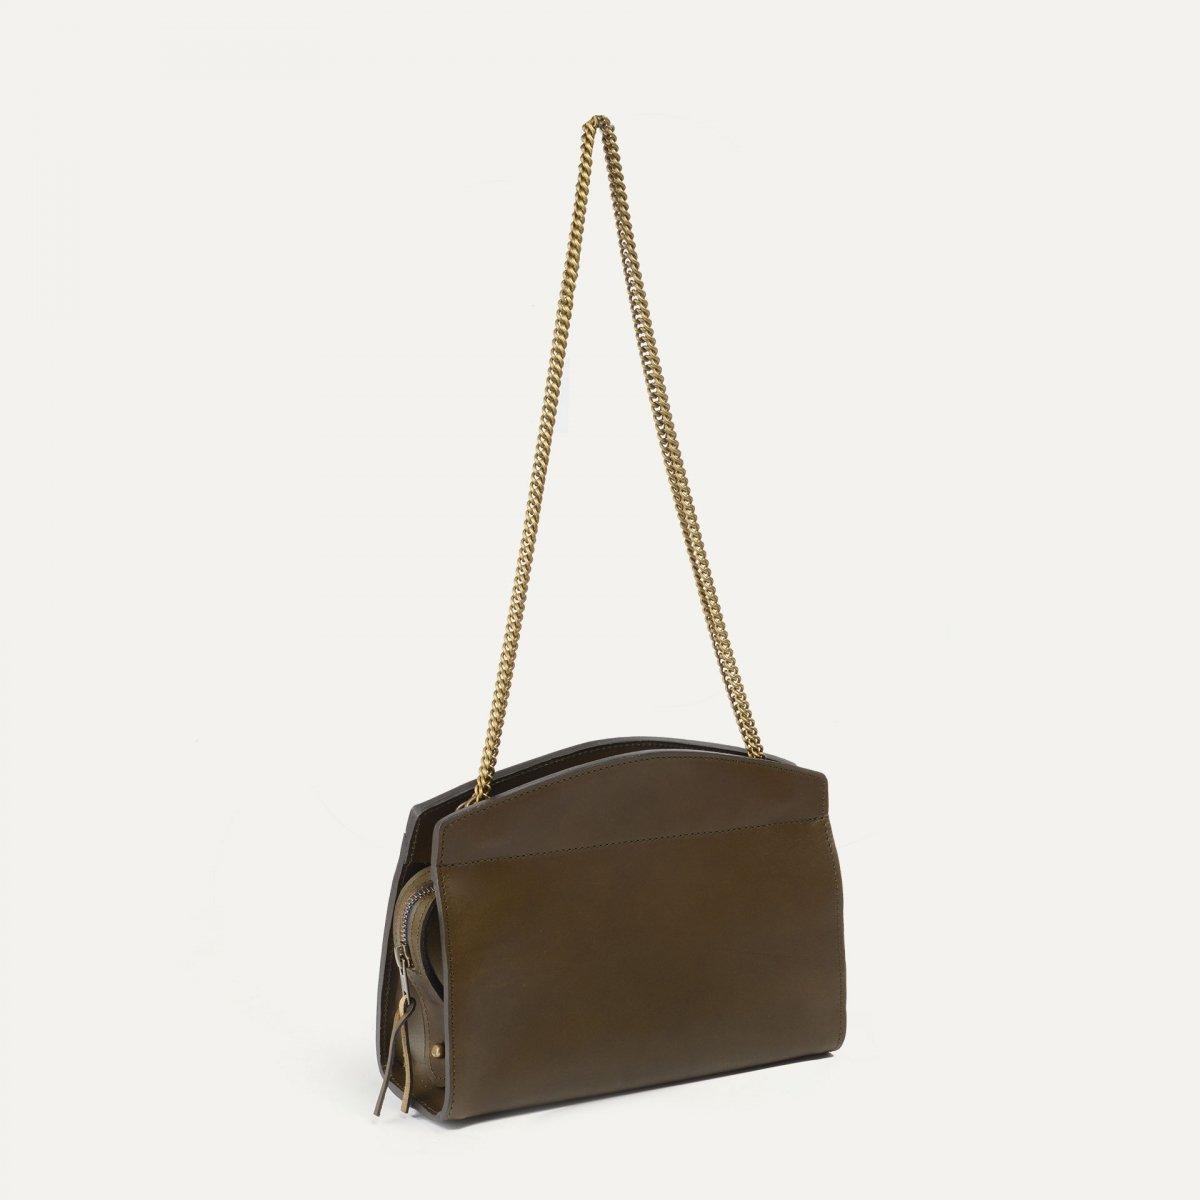 Origami S Zipped clutch bag - Khaki (image n°2)